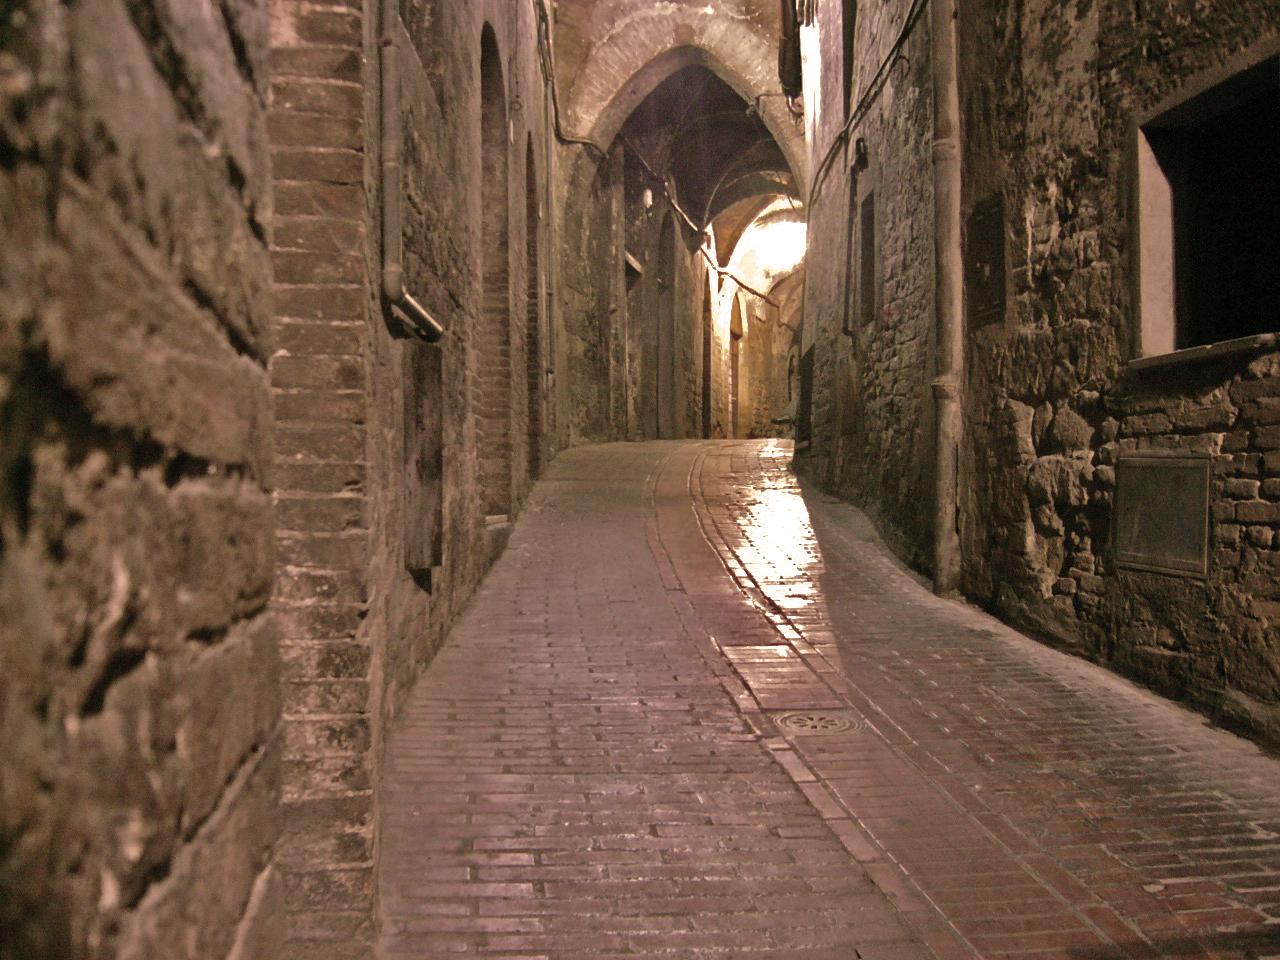 Calles medievales. Foto de Ale